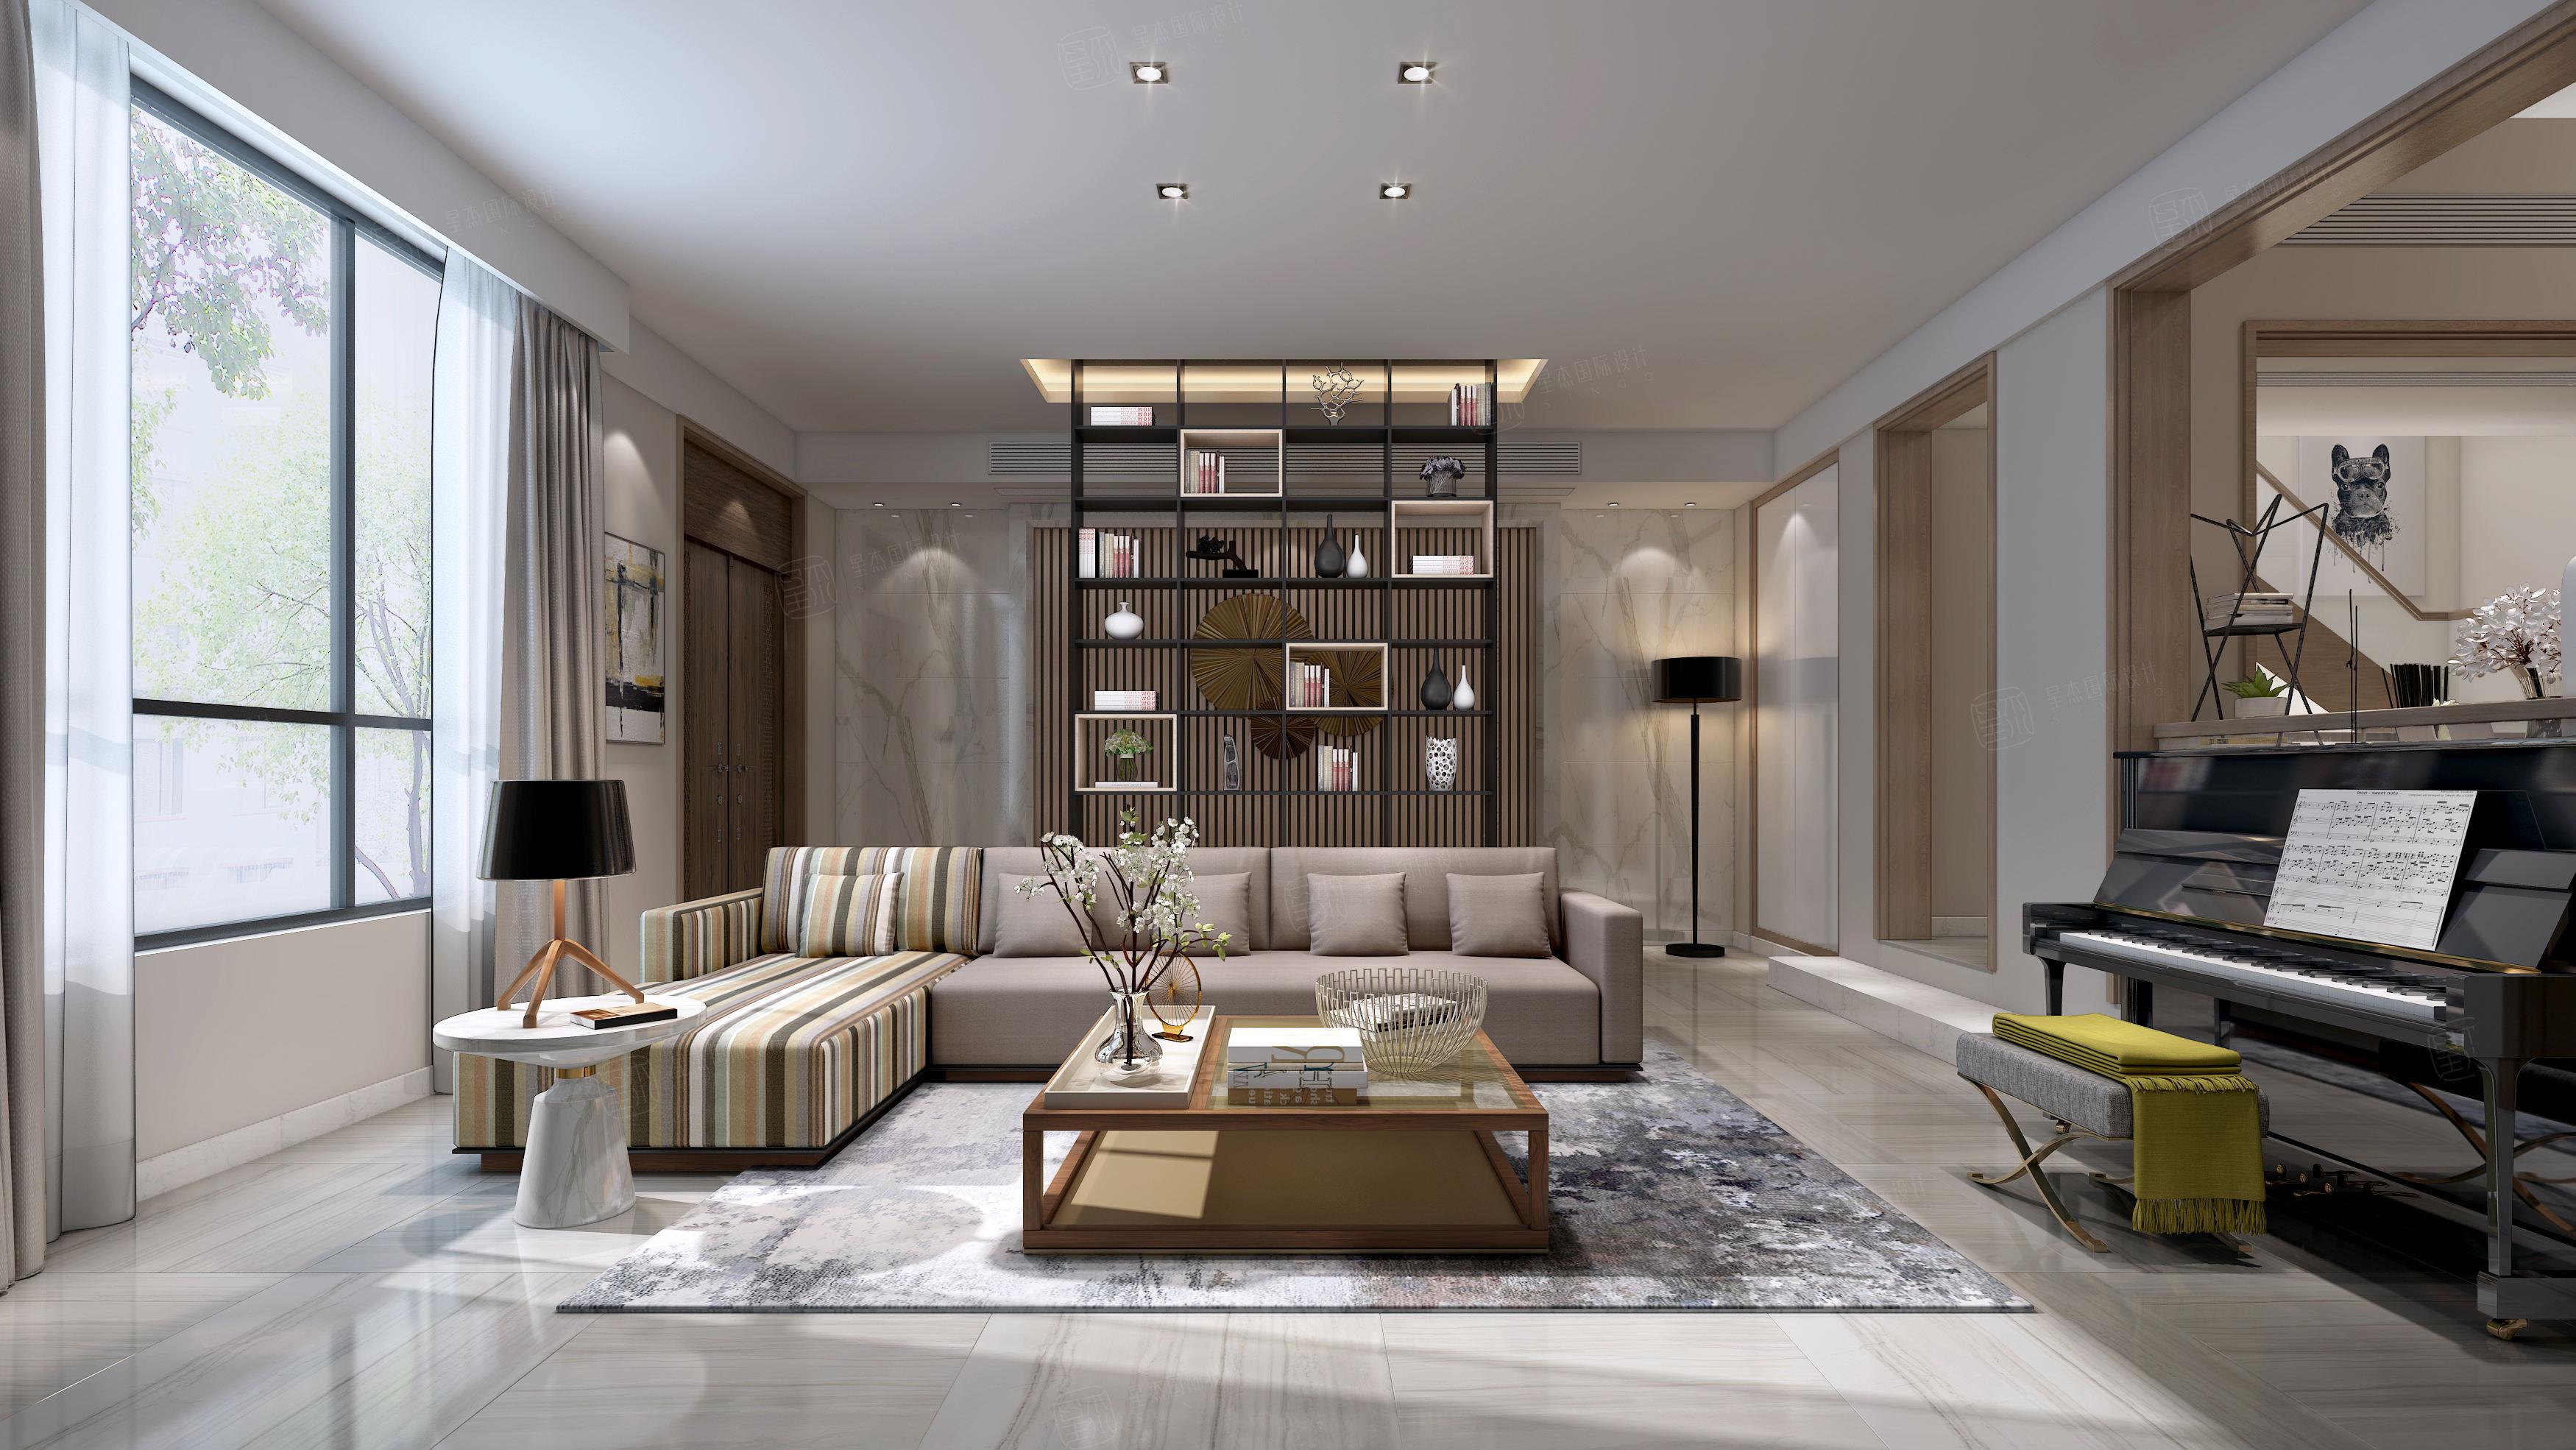 雅戈尔璞缇墅_以人为本的设计装修客厅效果图